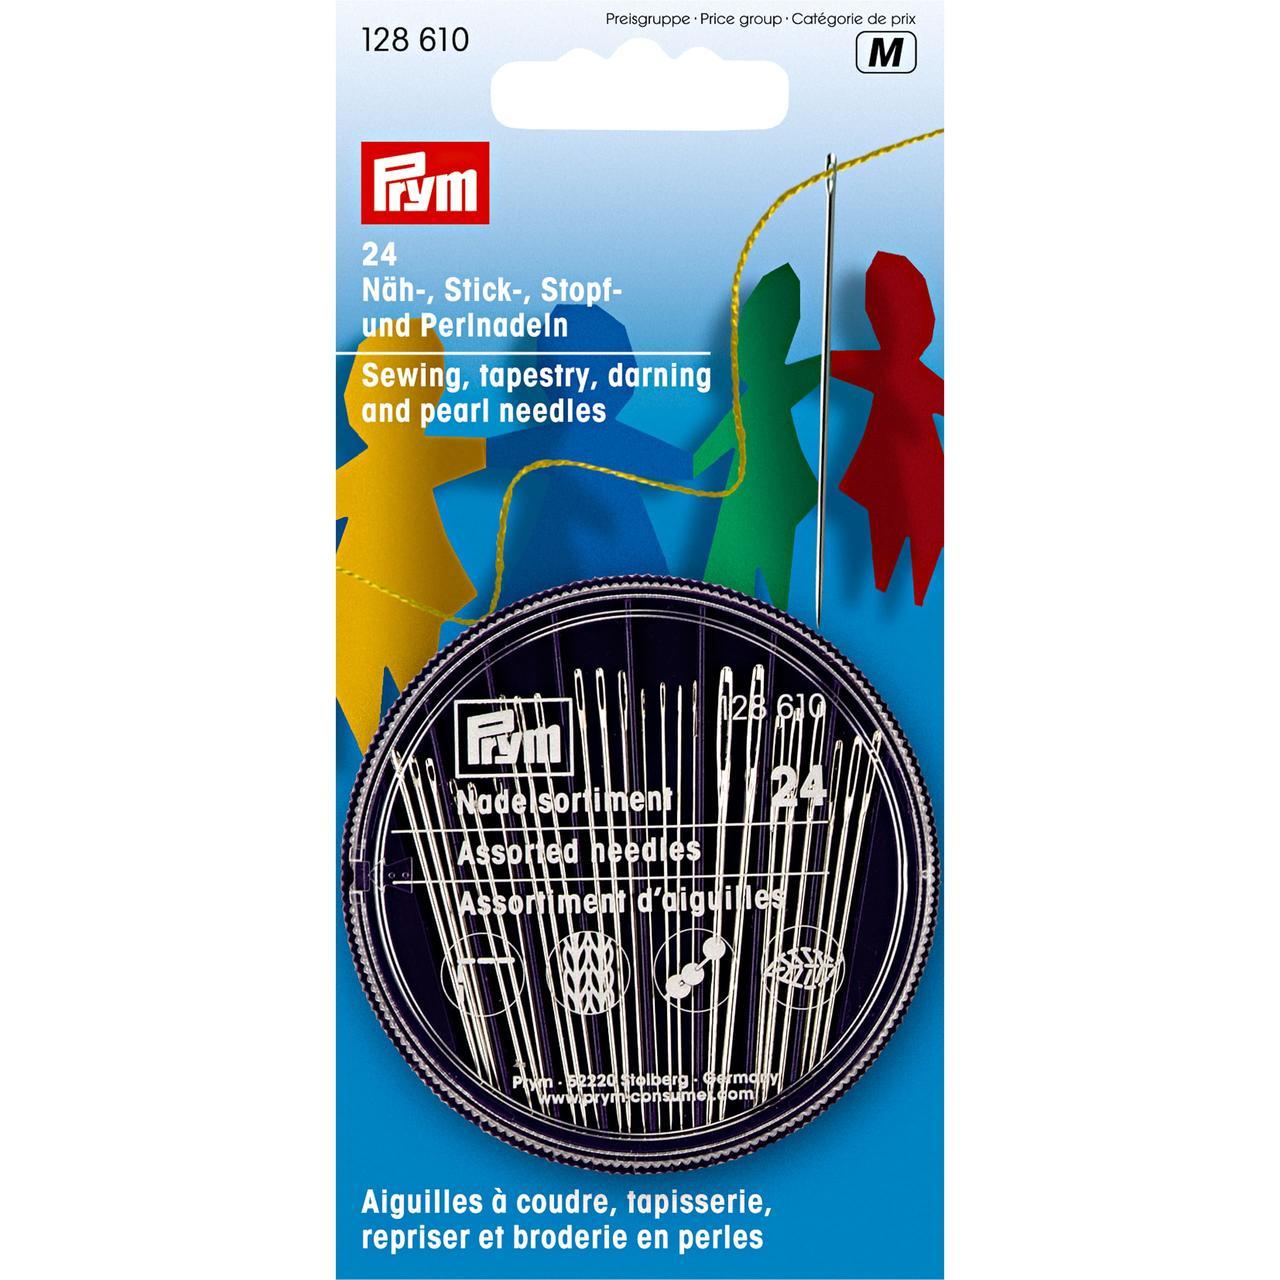 Иглы ручные для шитья Prym 128610 (24 шт.)